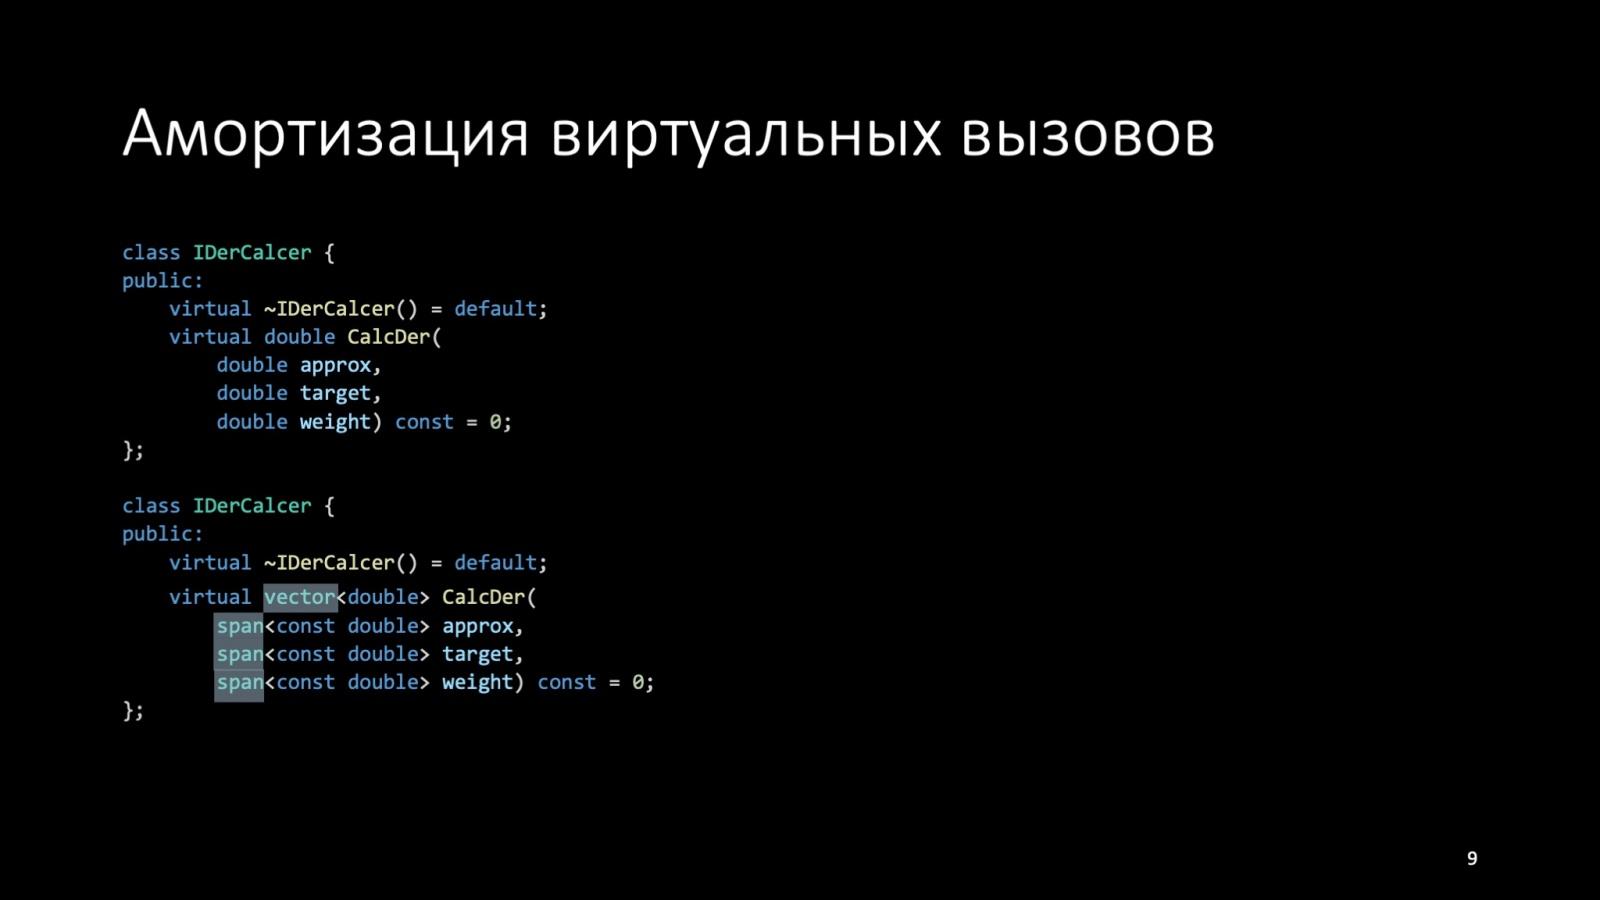 Оптимизация C++: совмещаем скорость и высокий уровень. Доклад Яндекса - 9